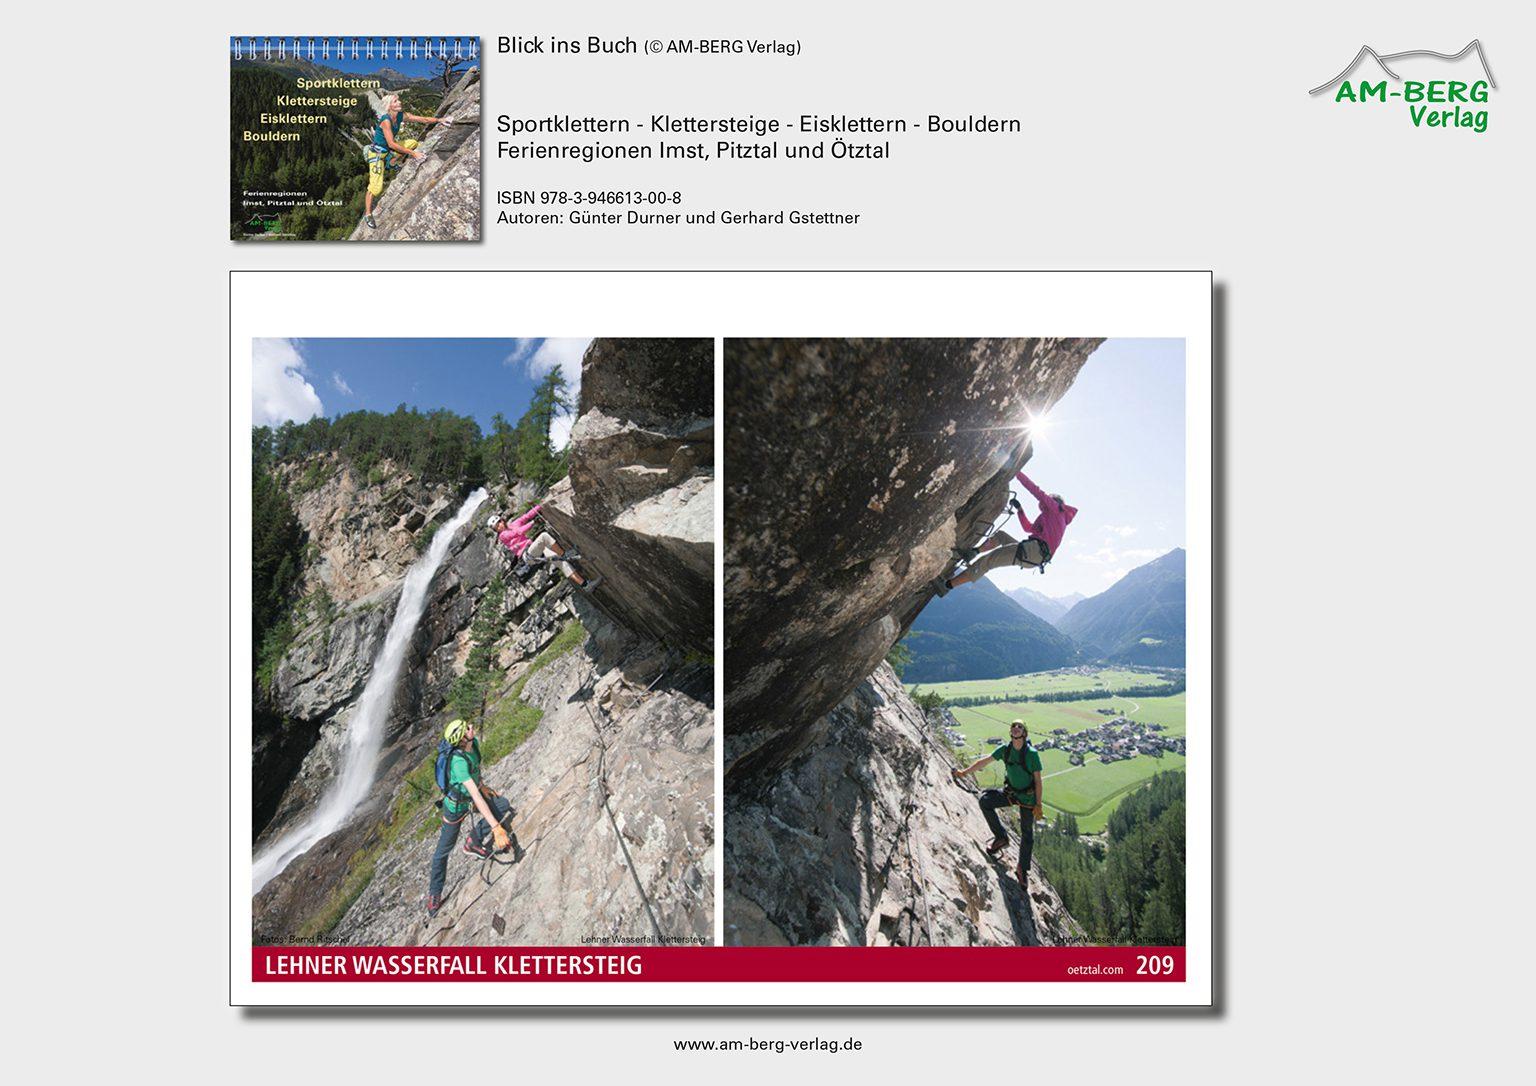 Sportklettern Imst-Pitztal-Ötztal_BlickinsBuch10_Lehner-Wasserfall-Klettersteig